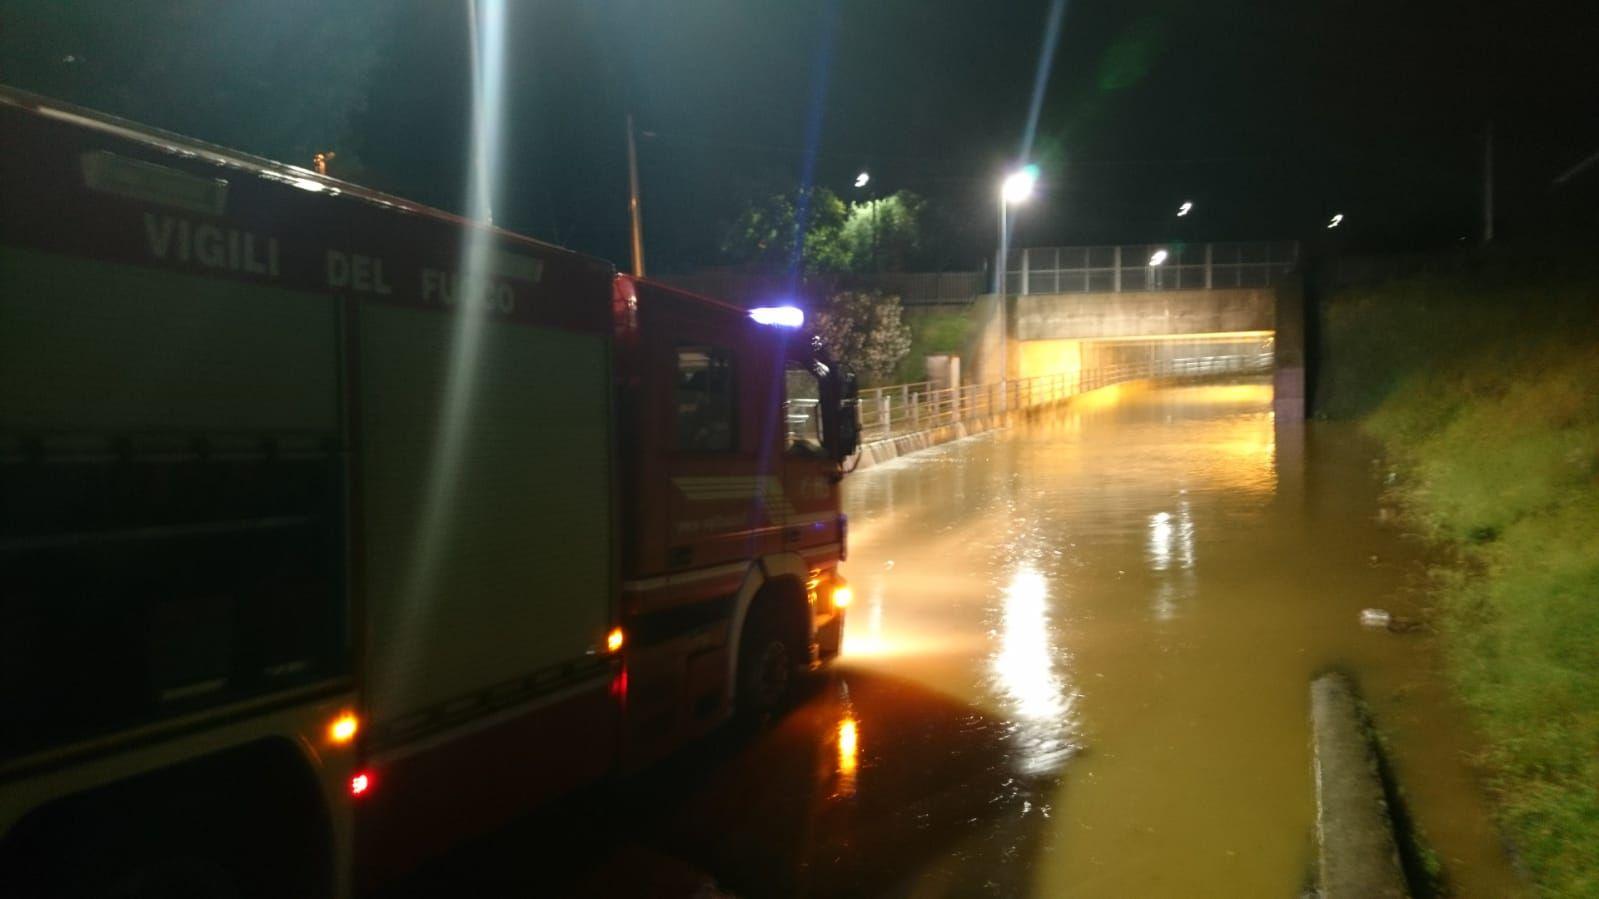 RIVAROLO - I vandali del sottopasso costano al Comune 3500 euro